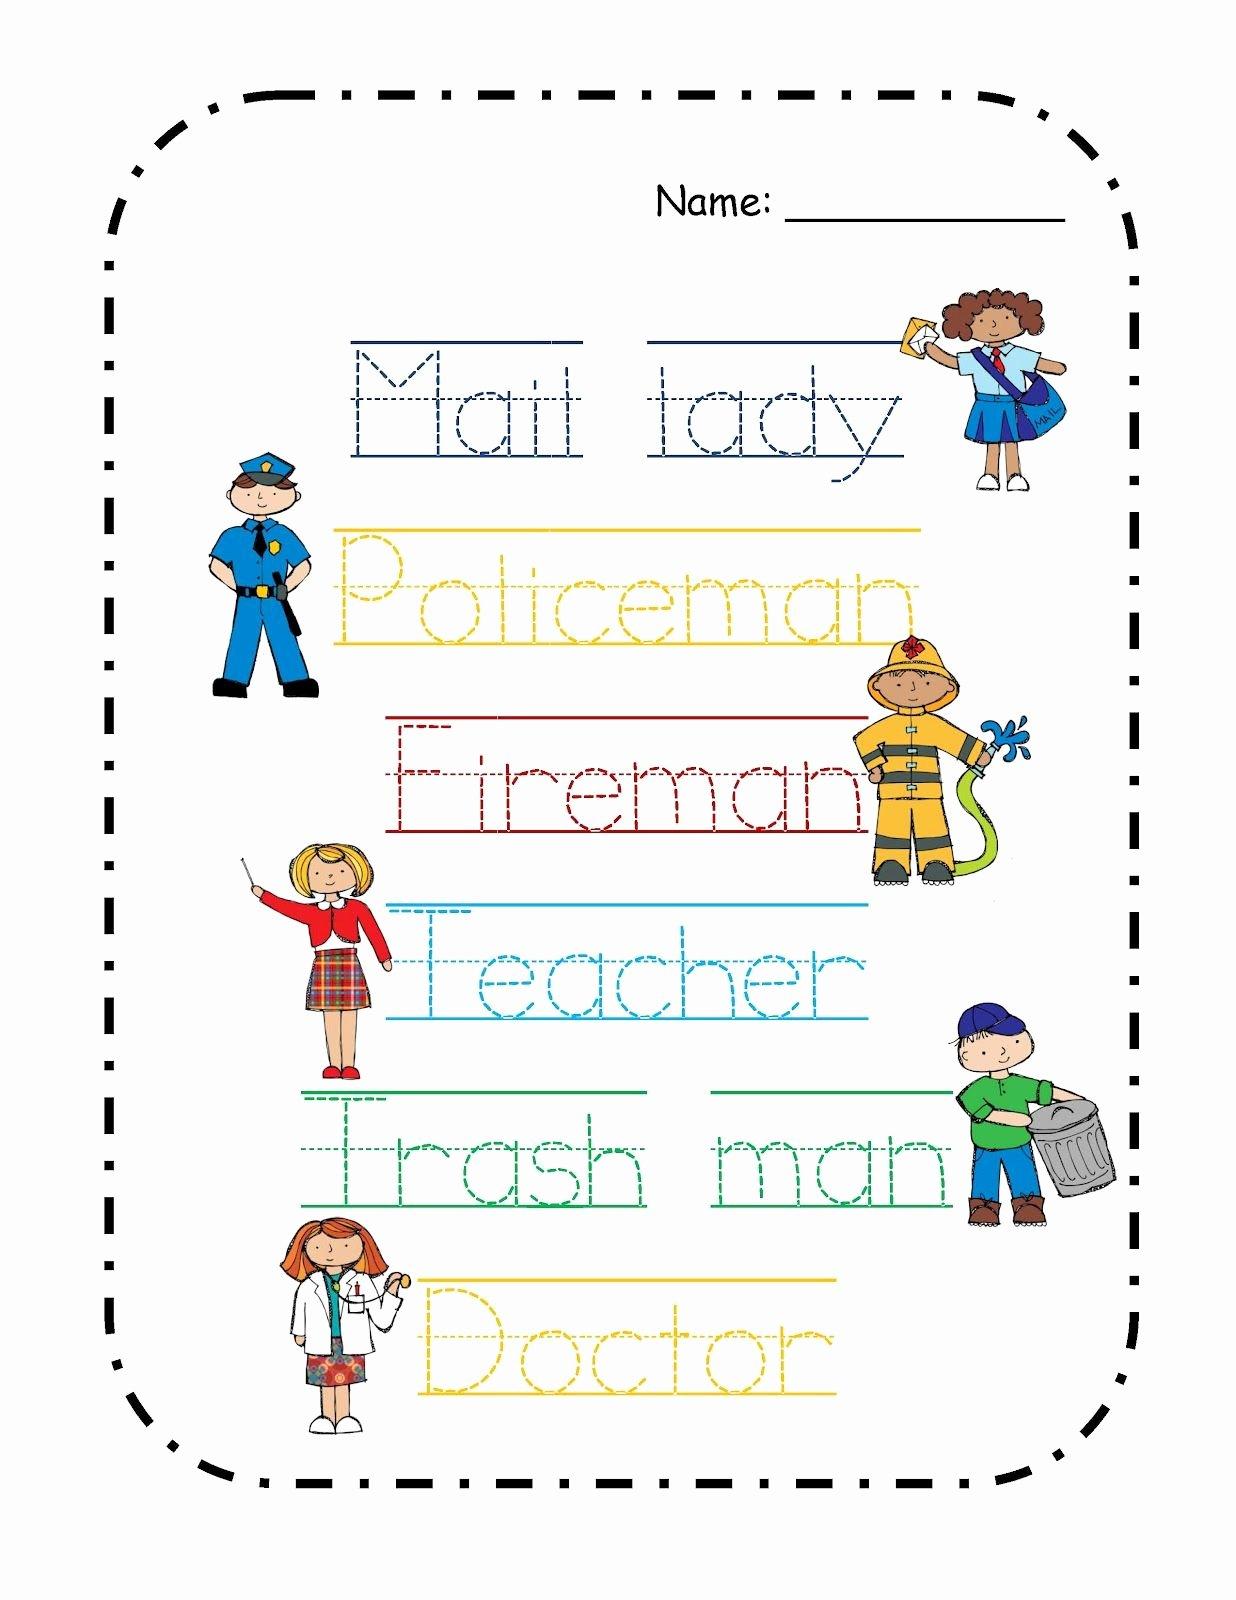 Community Helpers Worksheets for Preschoolers Awesome Preschool Printables Free Munity Helper S theme